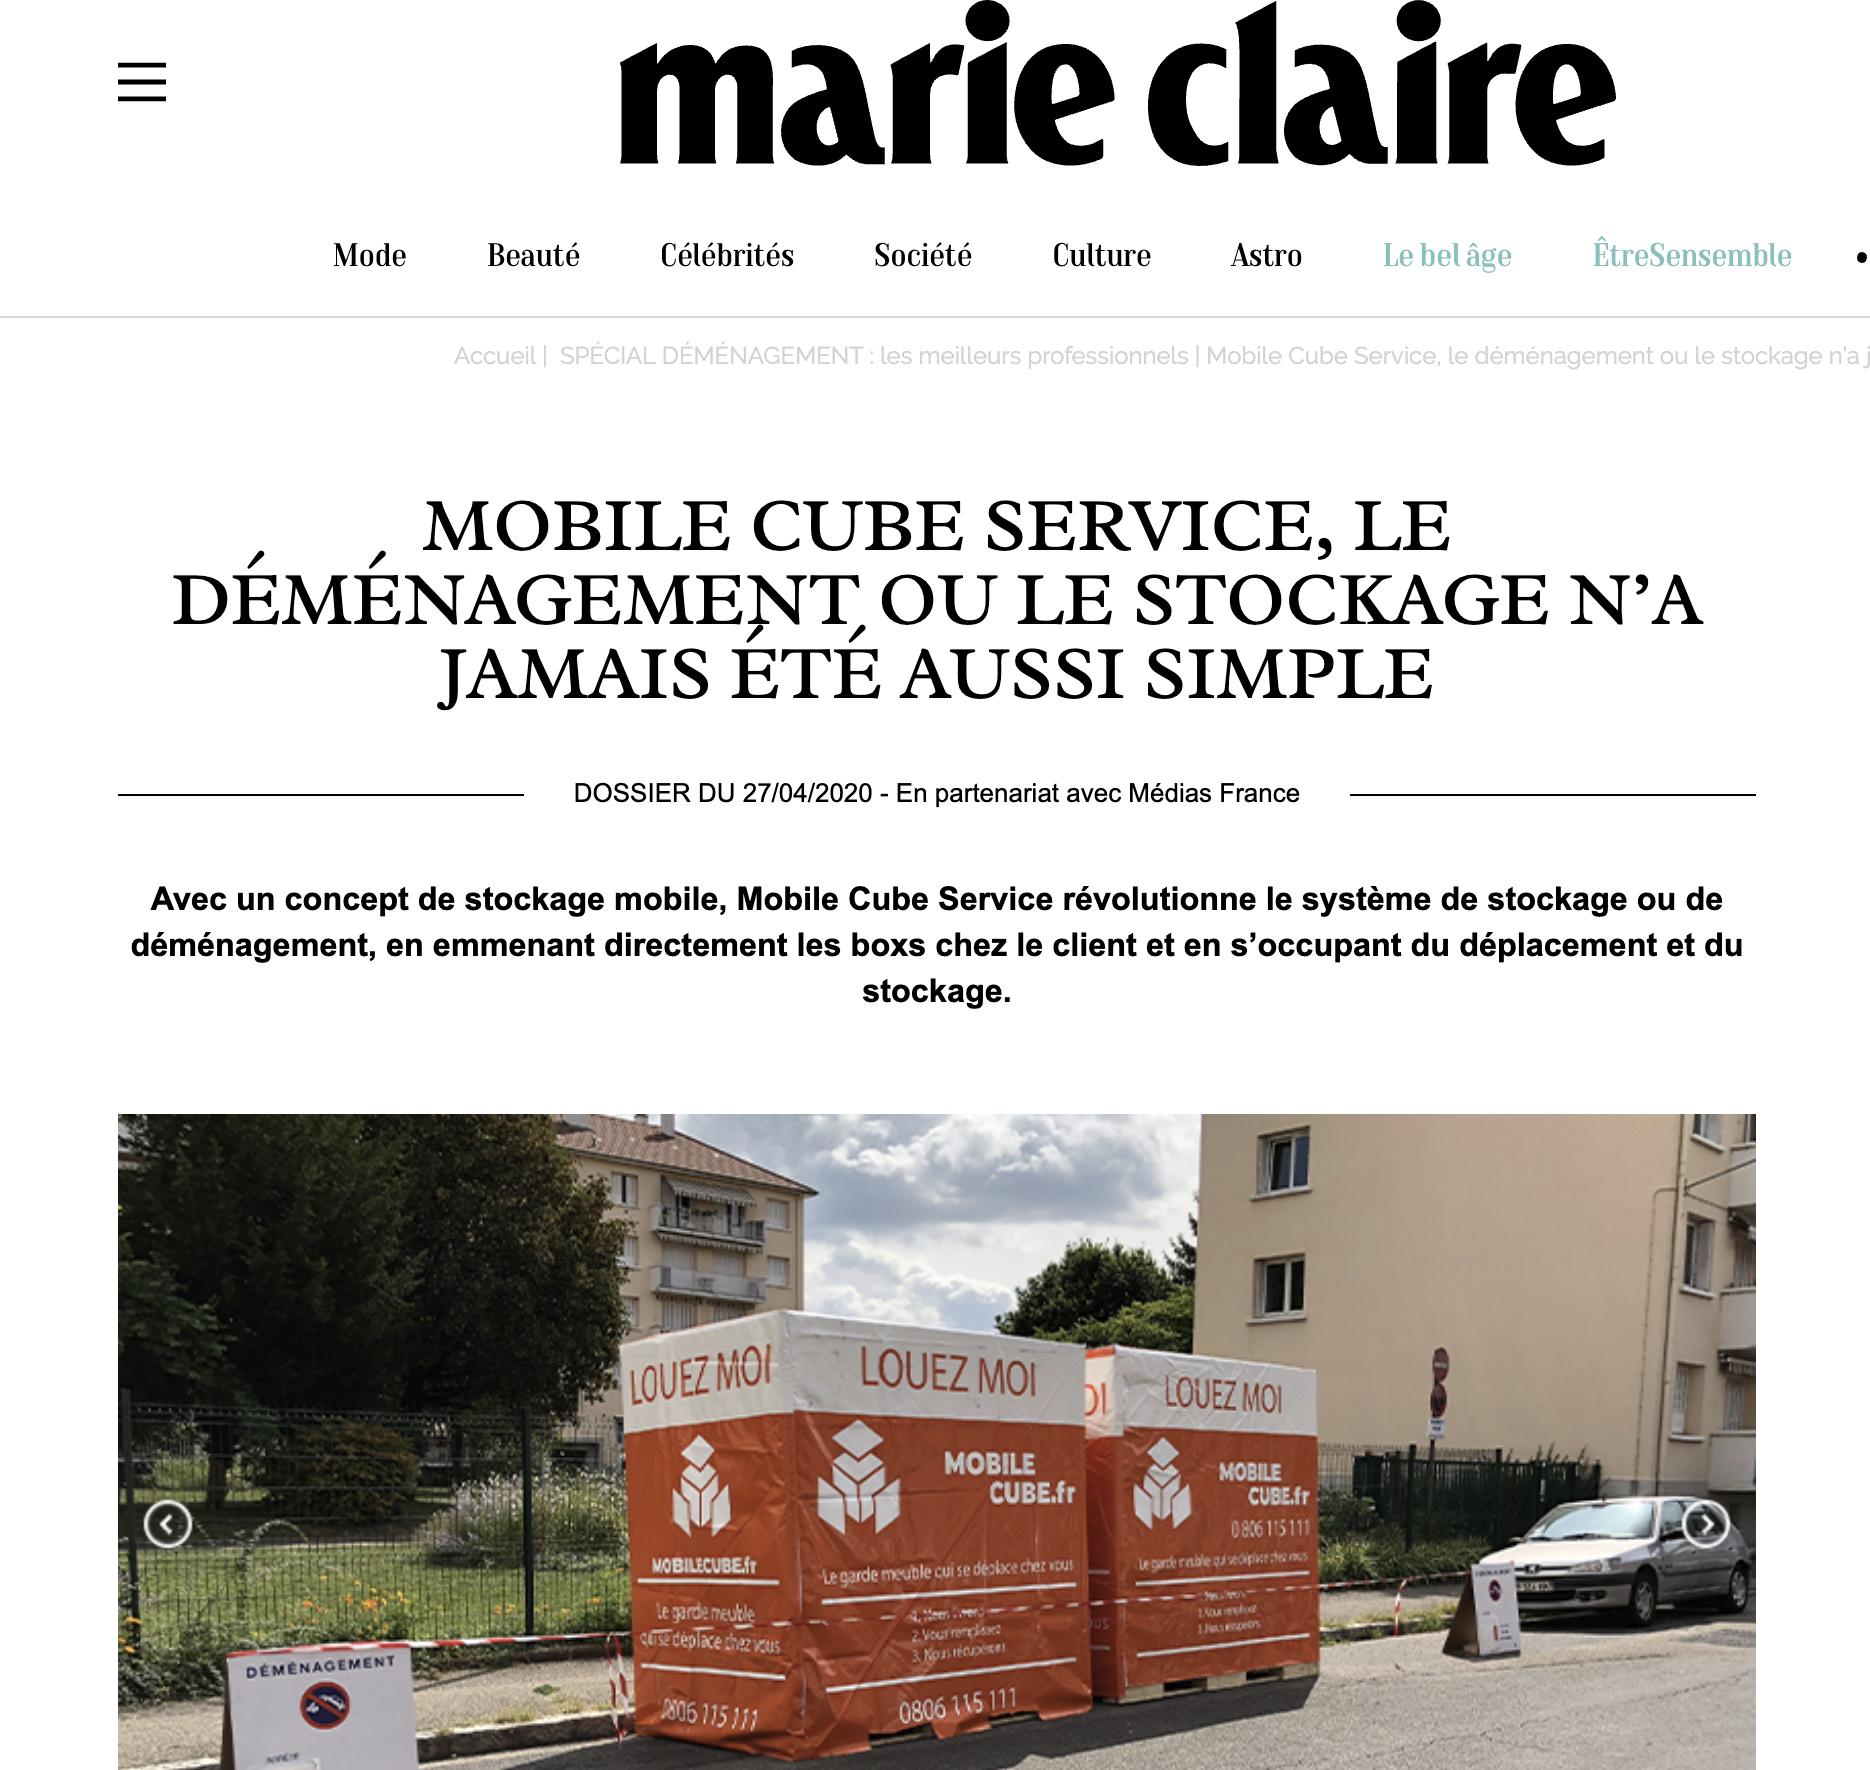 Dossier spécial déménagement les meilleurs professionnels Marie Claire